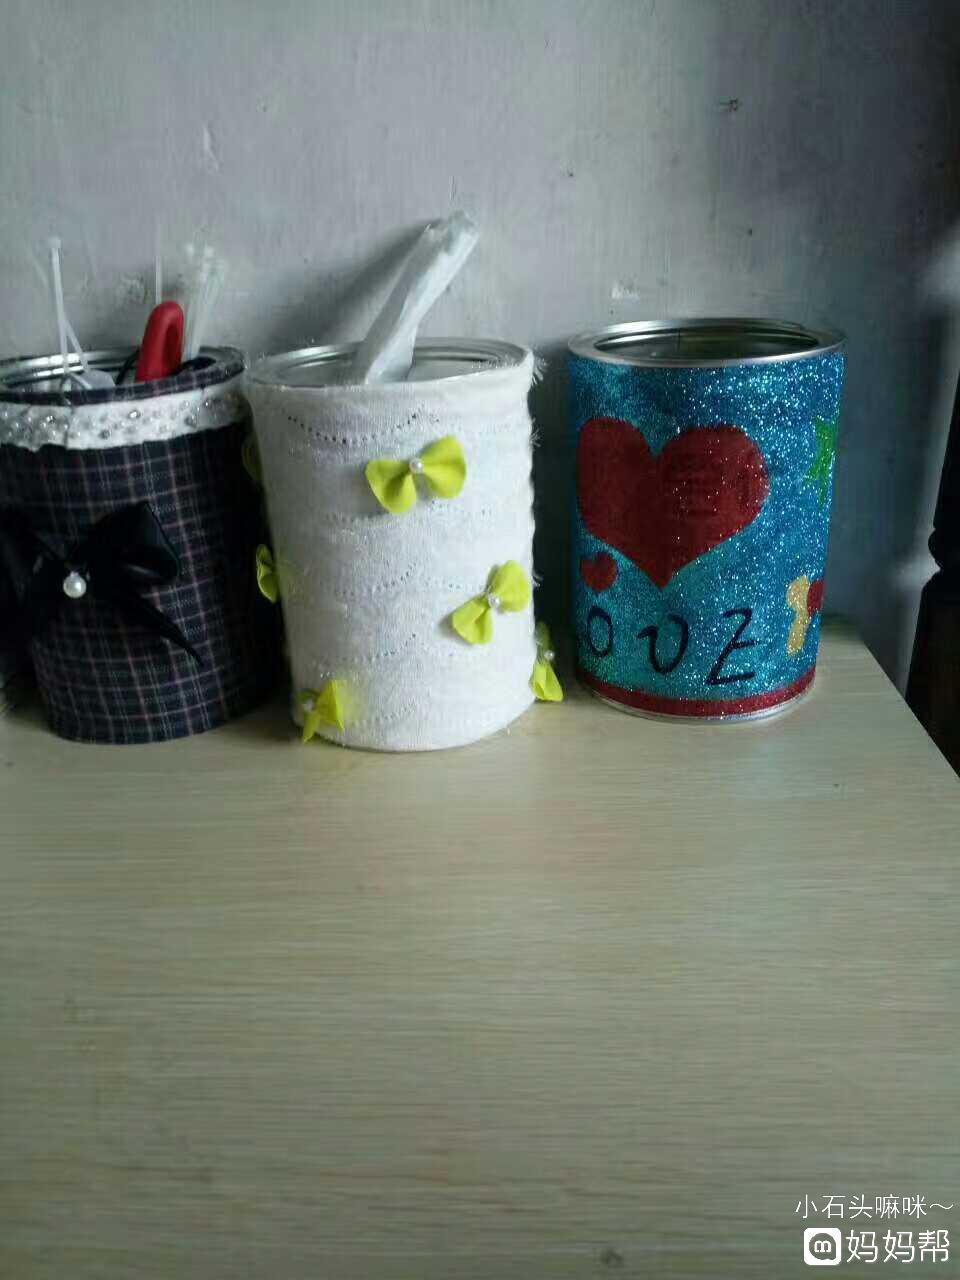 都是奶粉罐子和洗衣液瓶子做的